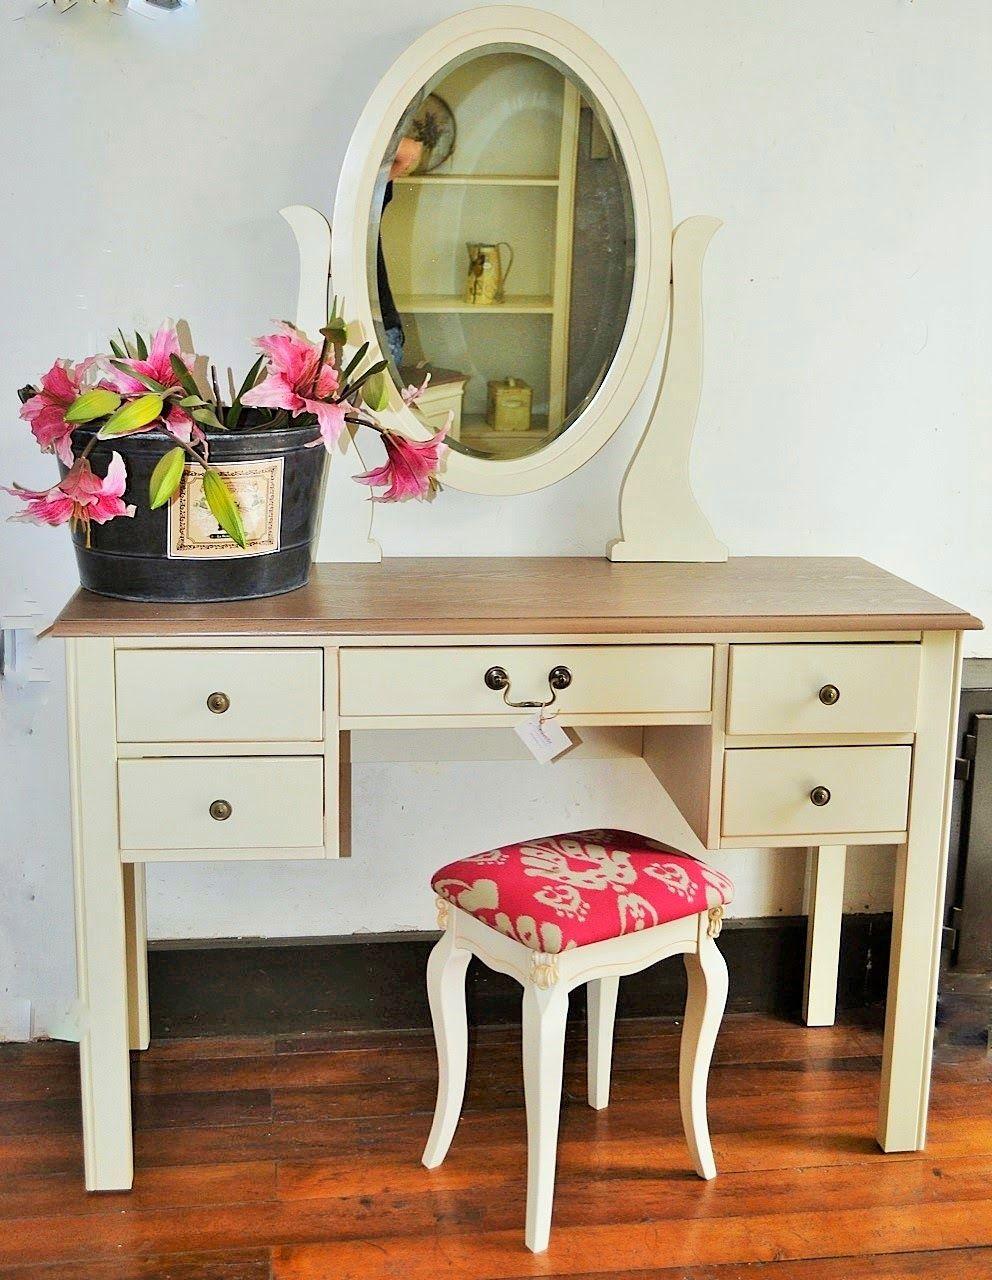 Paz montealegre decoraci n nueva linea de muebles - Mueble provenzal frances ...